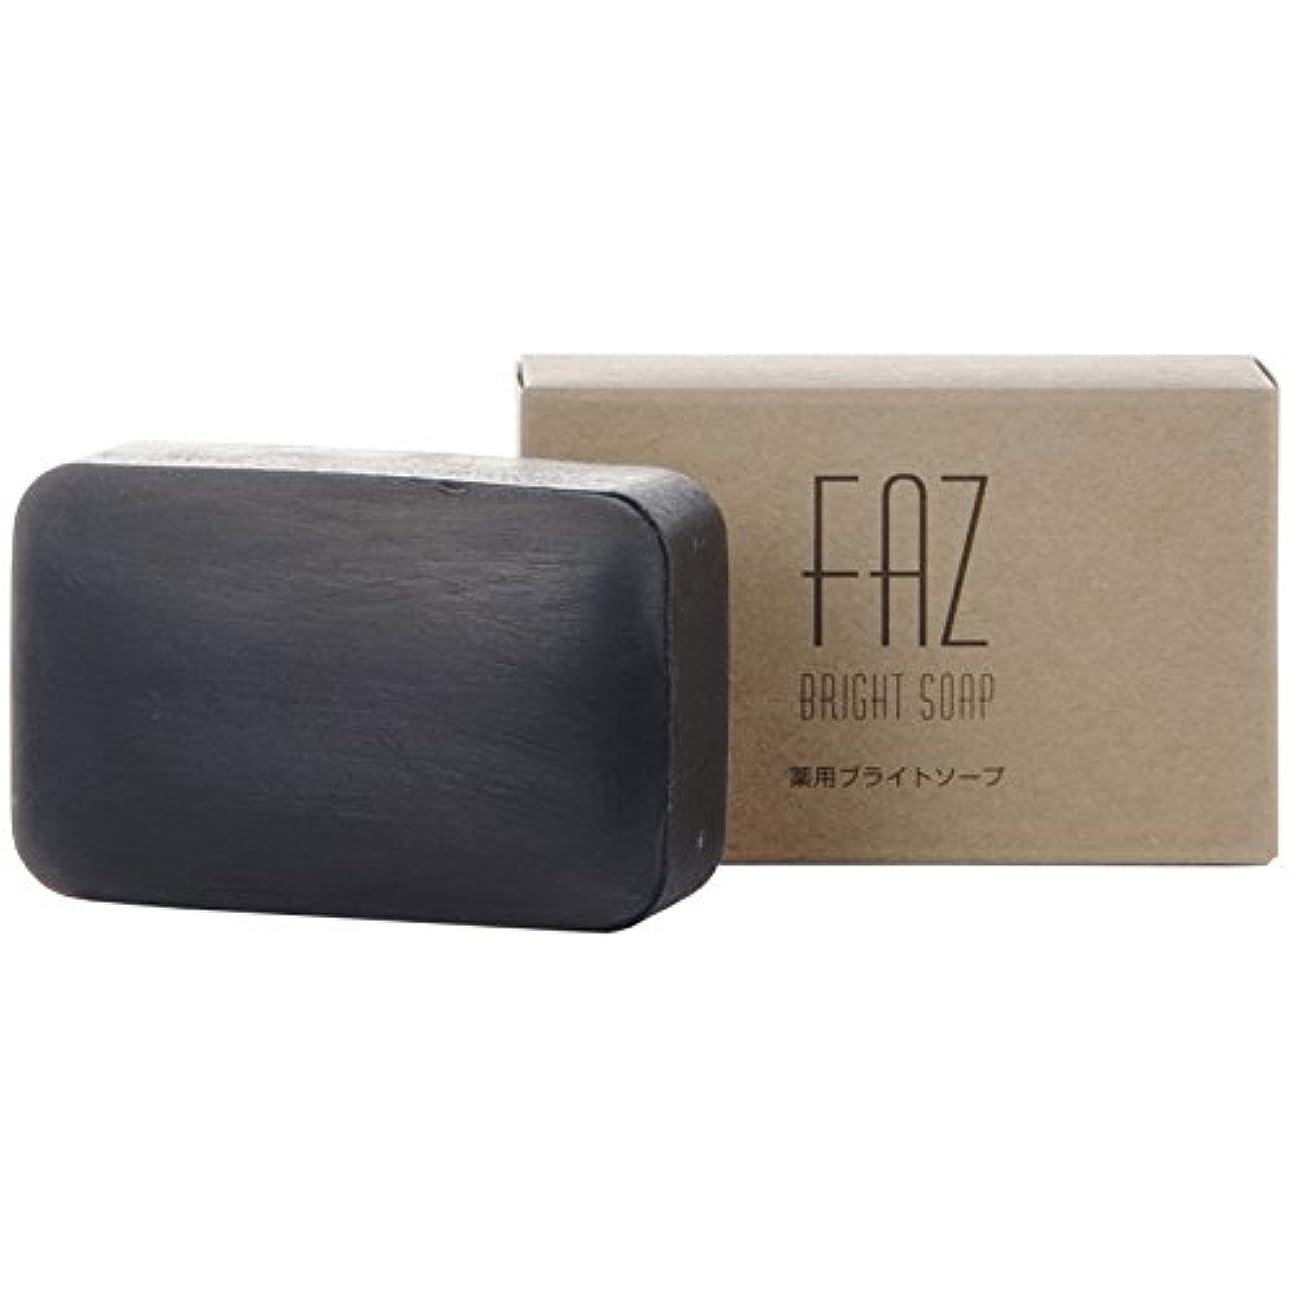 セクタキャンプ約束するFAZ 薬用ブライトソープ 100g